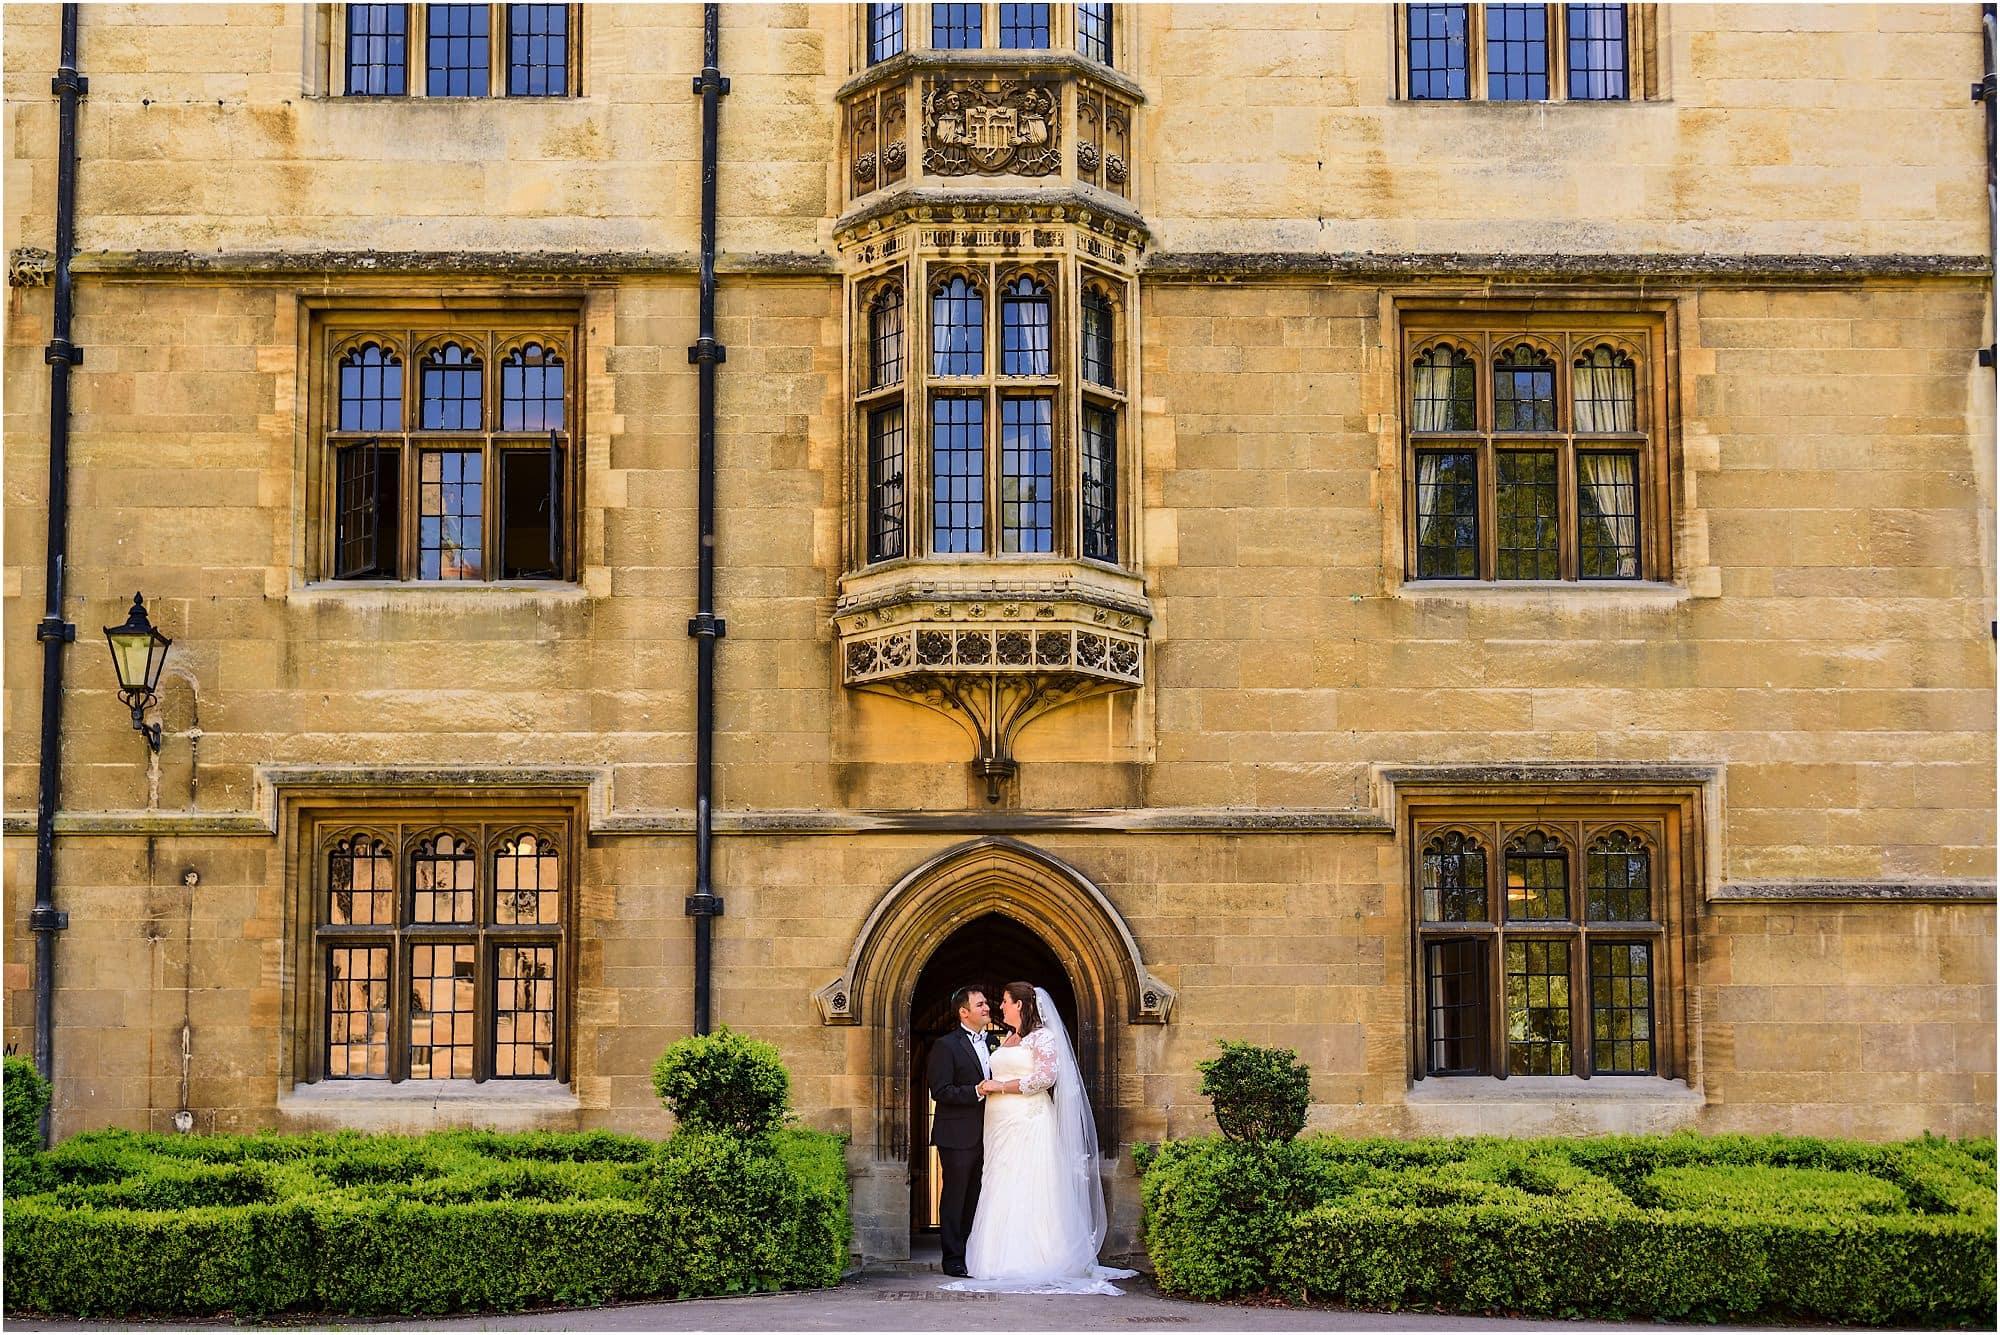 Kings College Cambridge Wedding